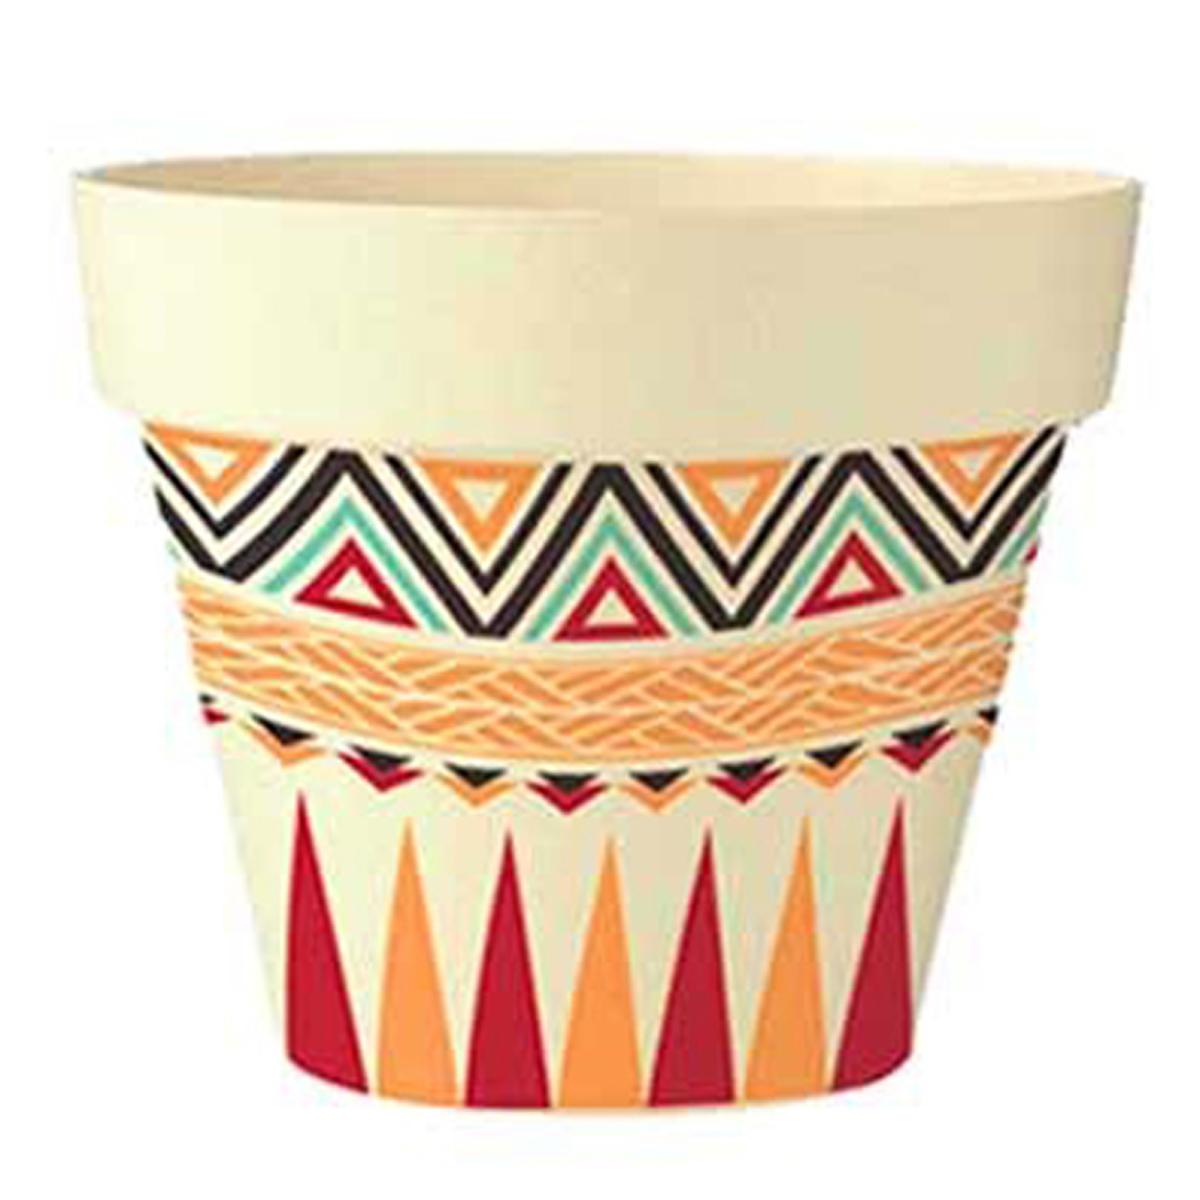 Cache-pot bambou \'Boho\' orange rouge beige -  105x95 cm - [Q6419]